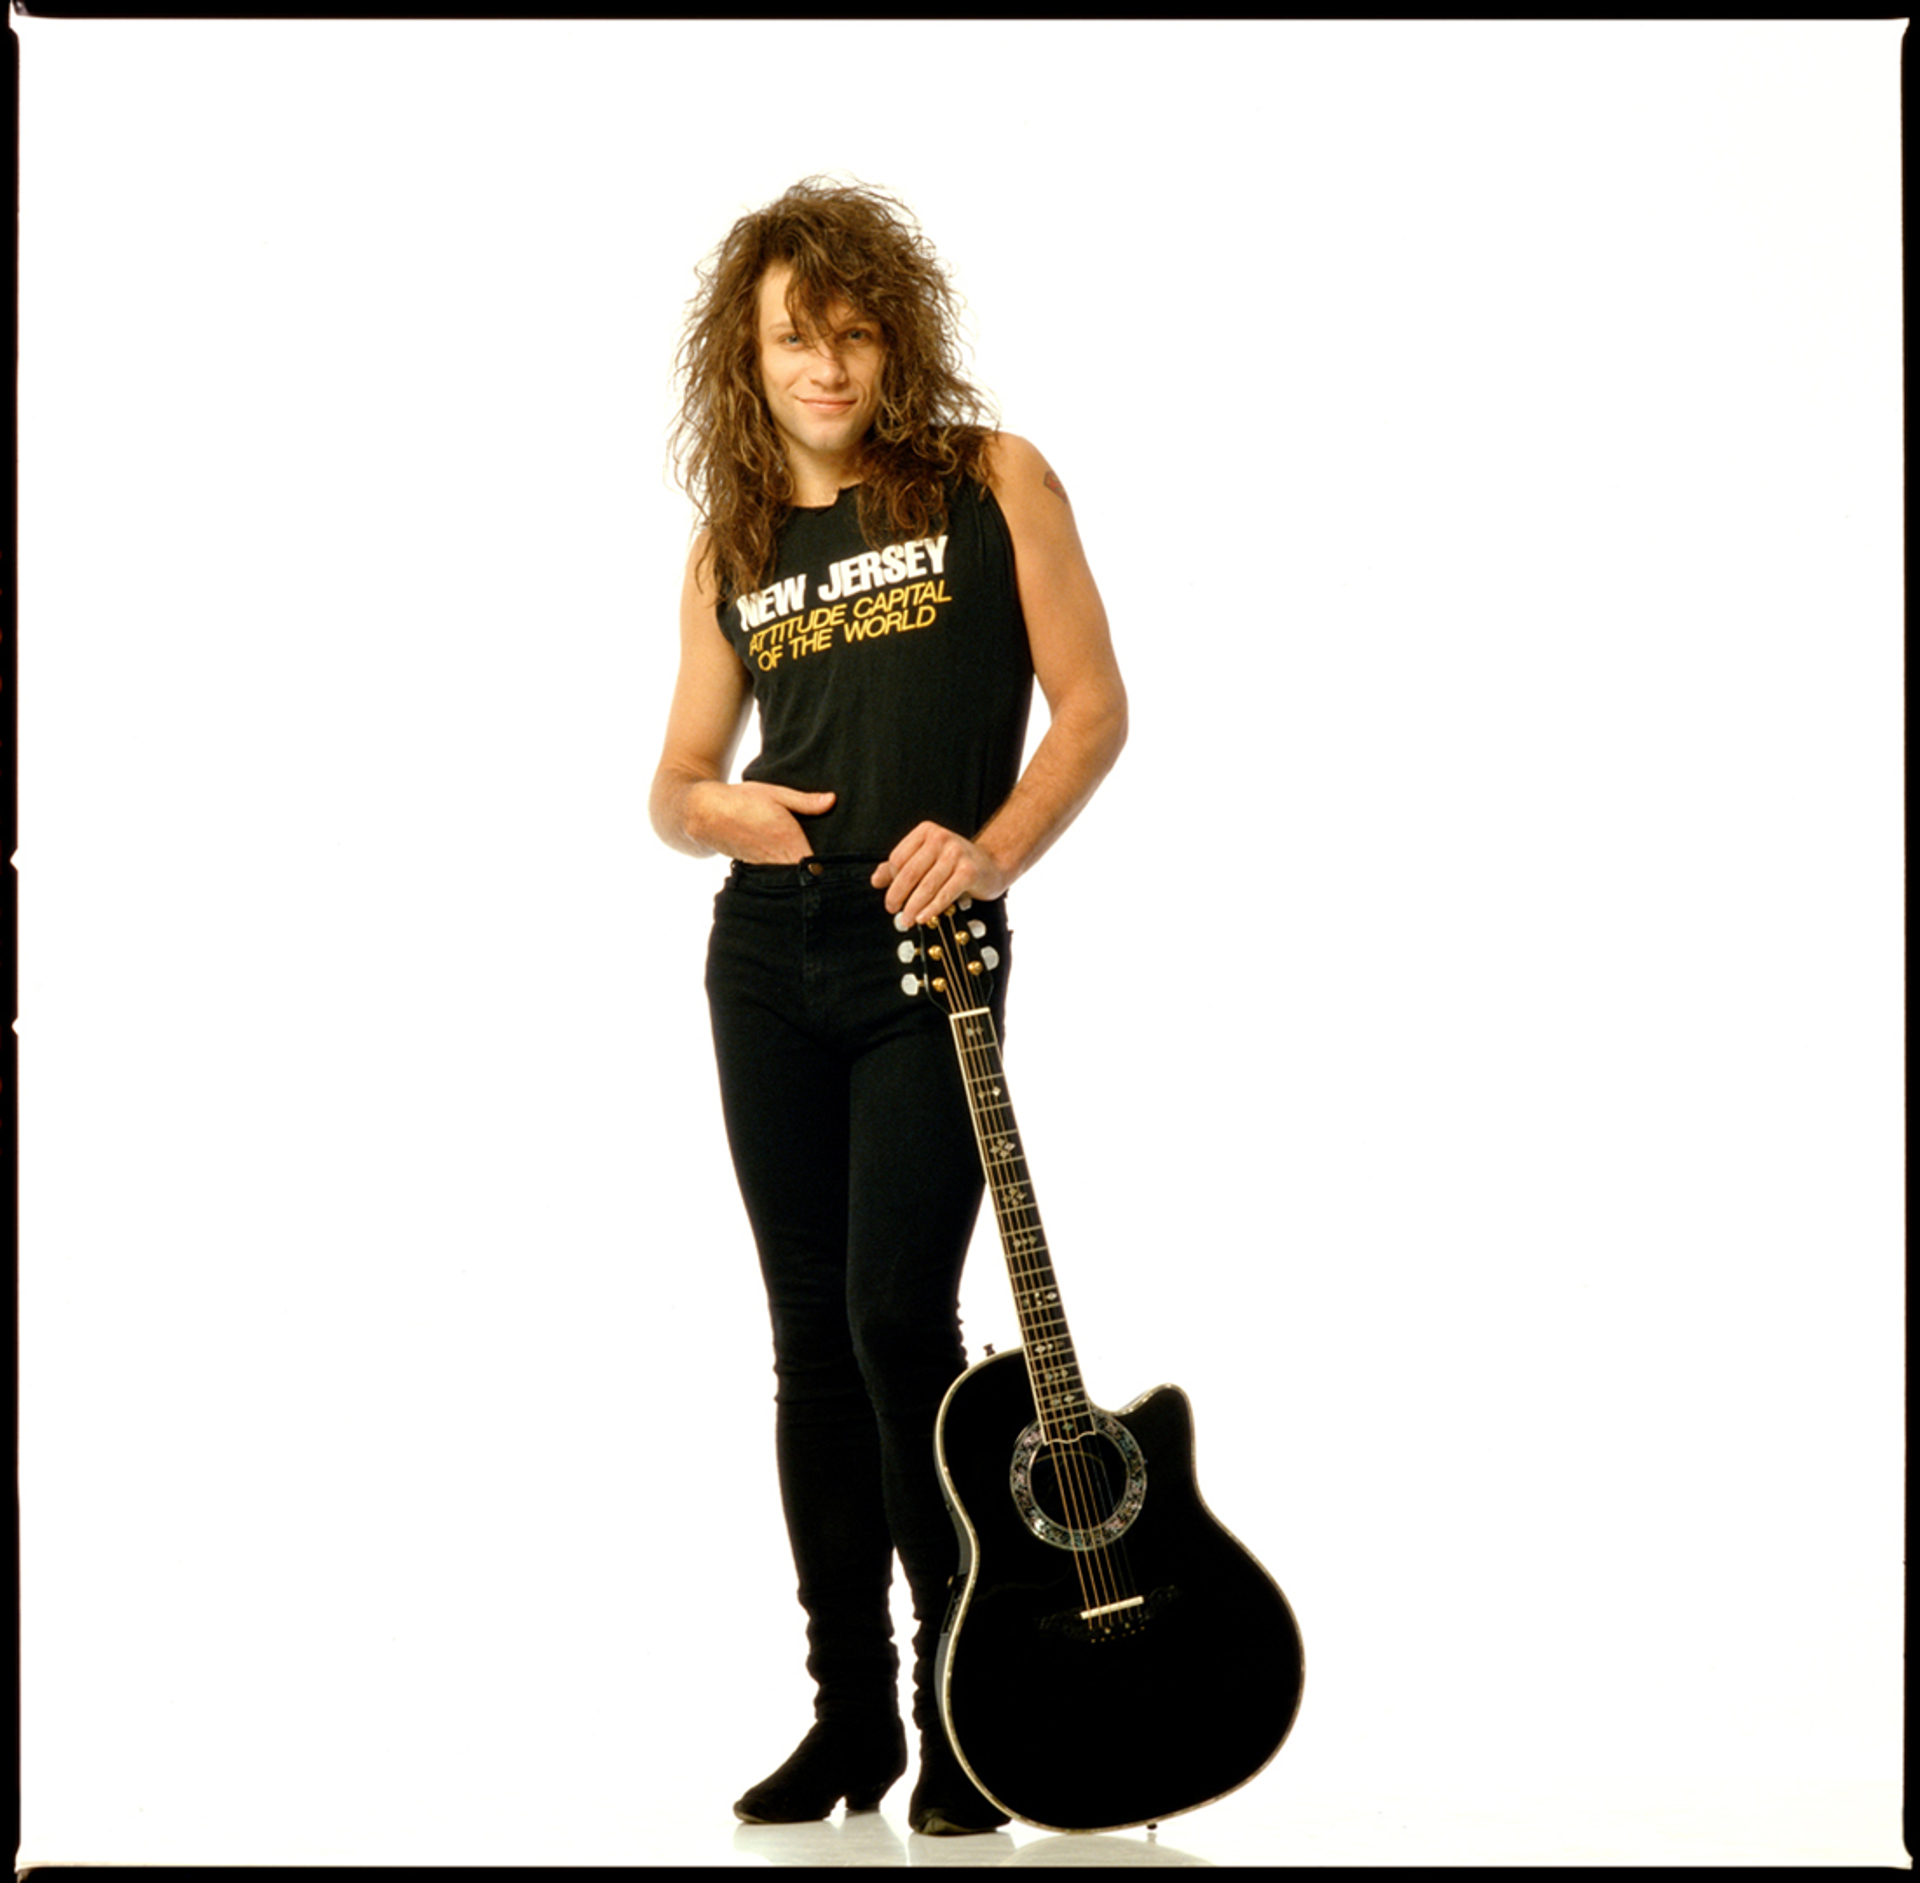 88215 Jon Bon Jovi On White 2 Color by Timothy White